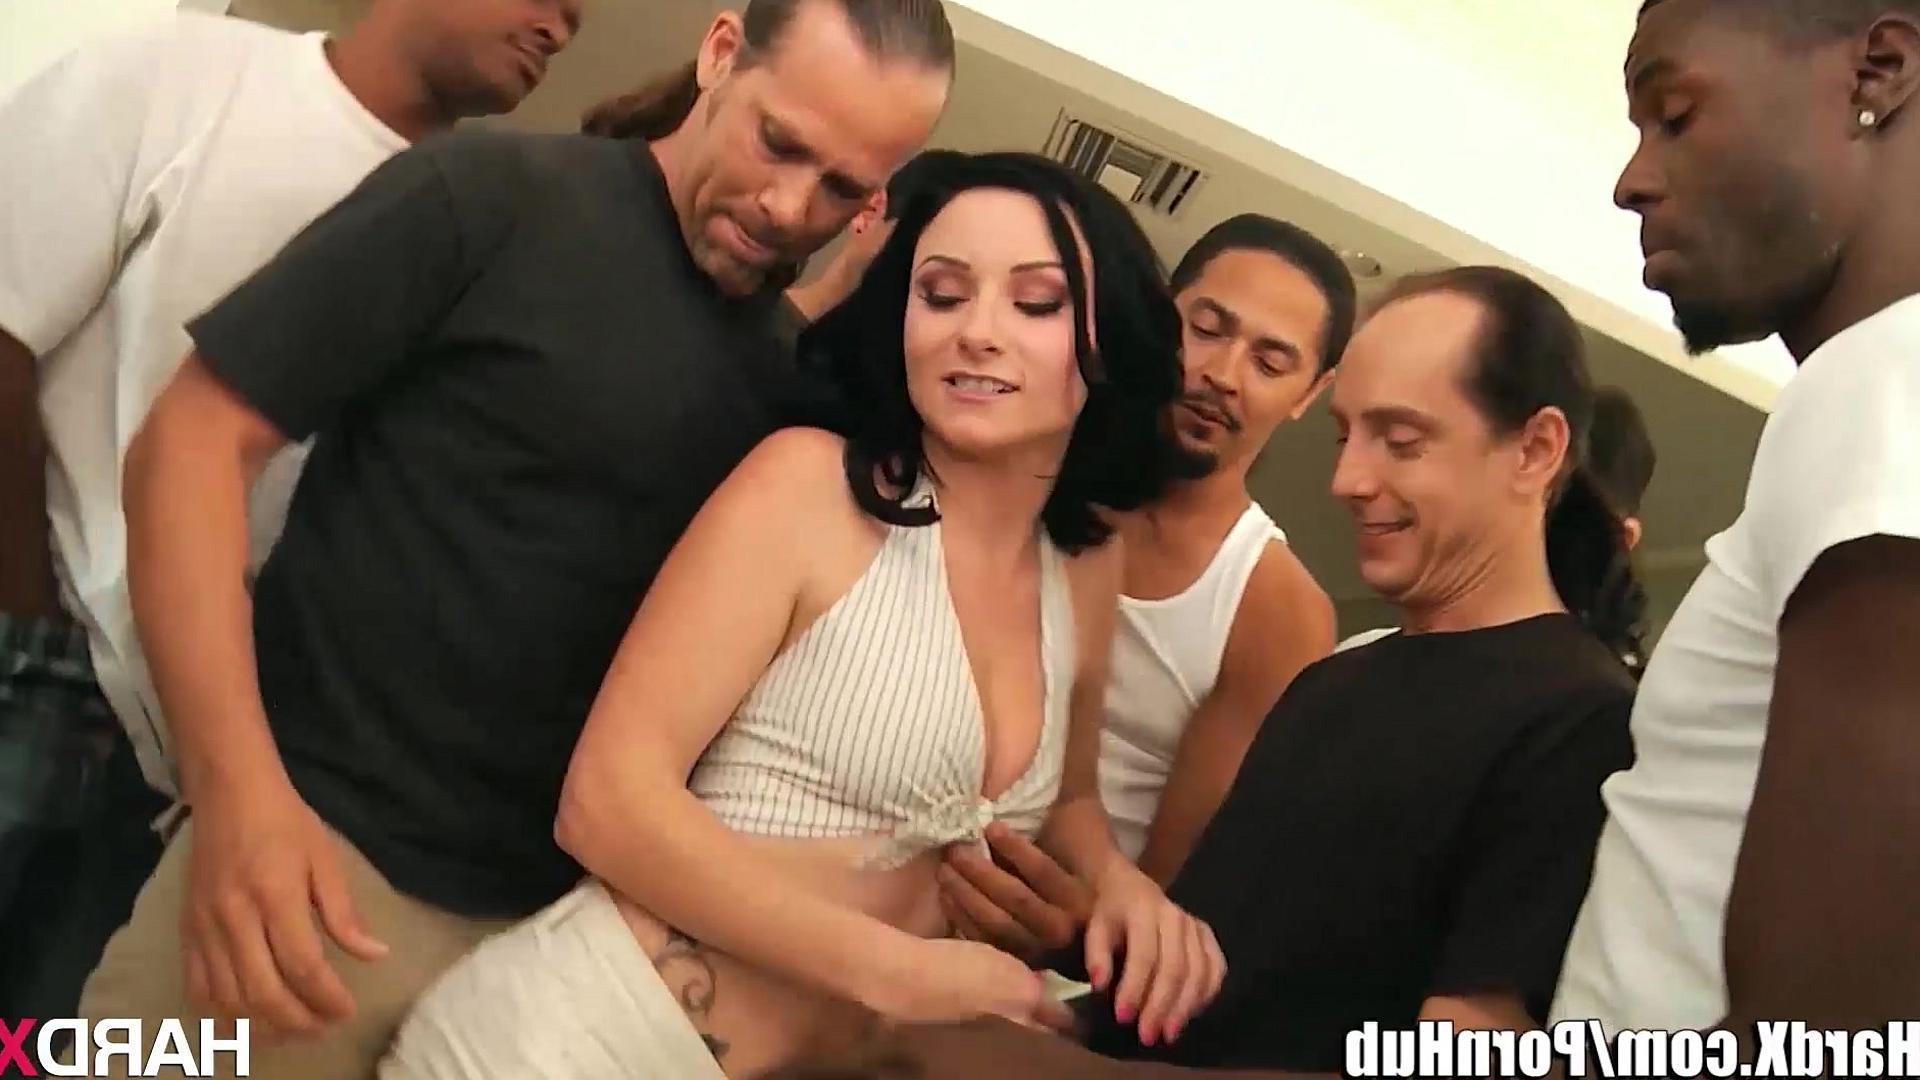 Смотреть бесплатно порно генг бенг в офисе